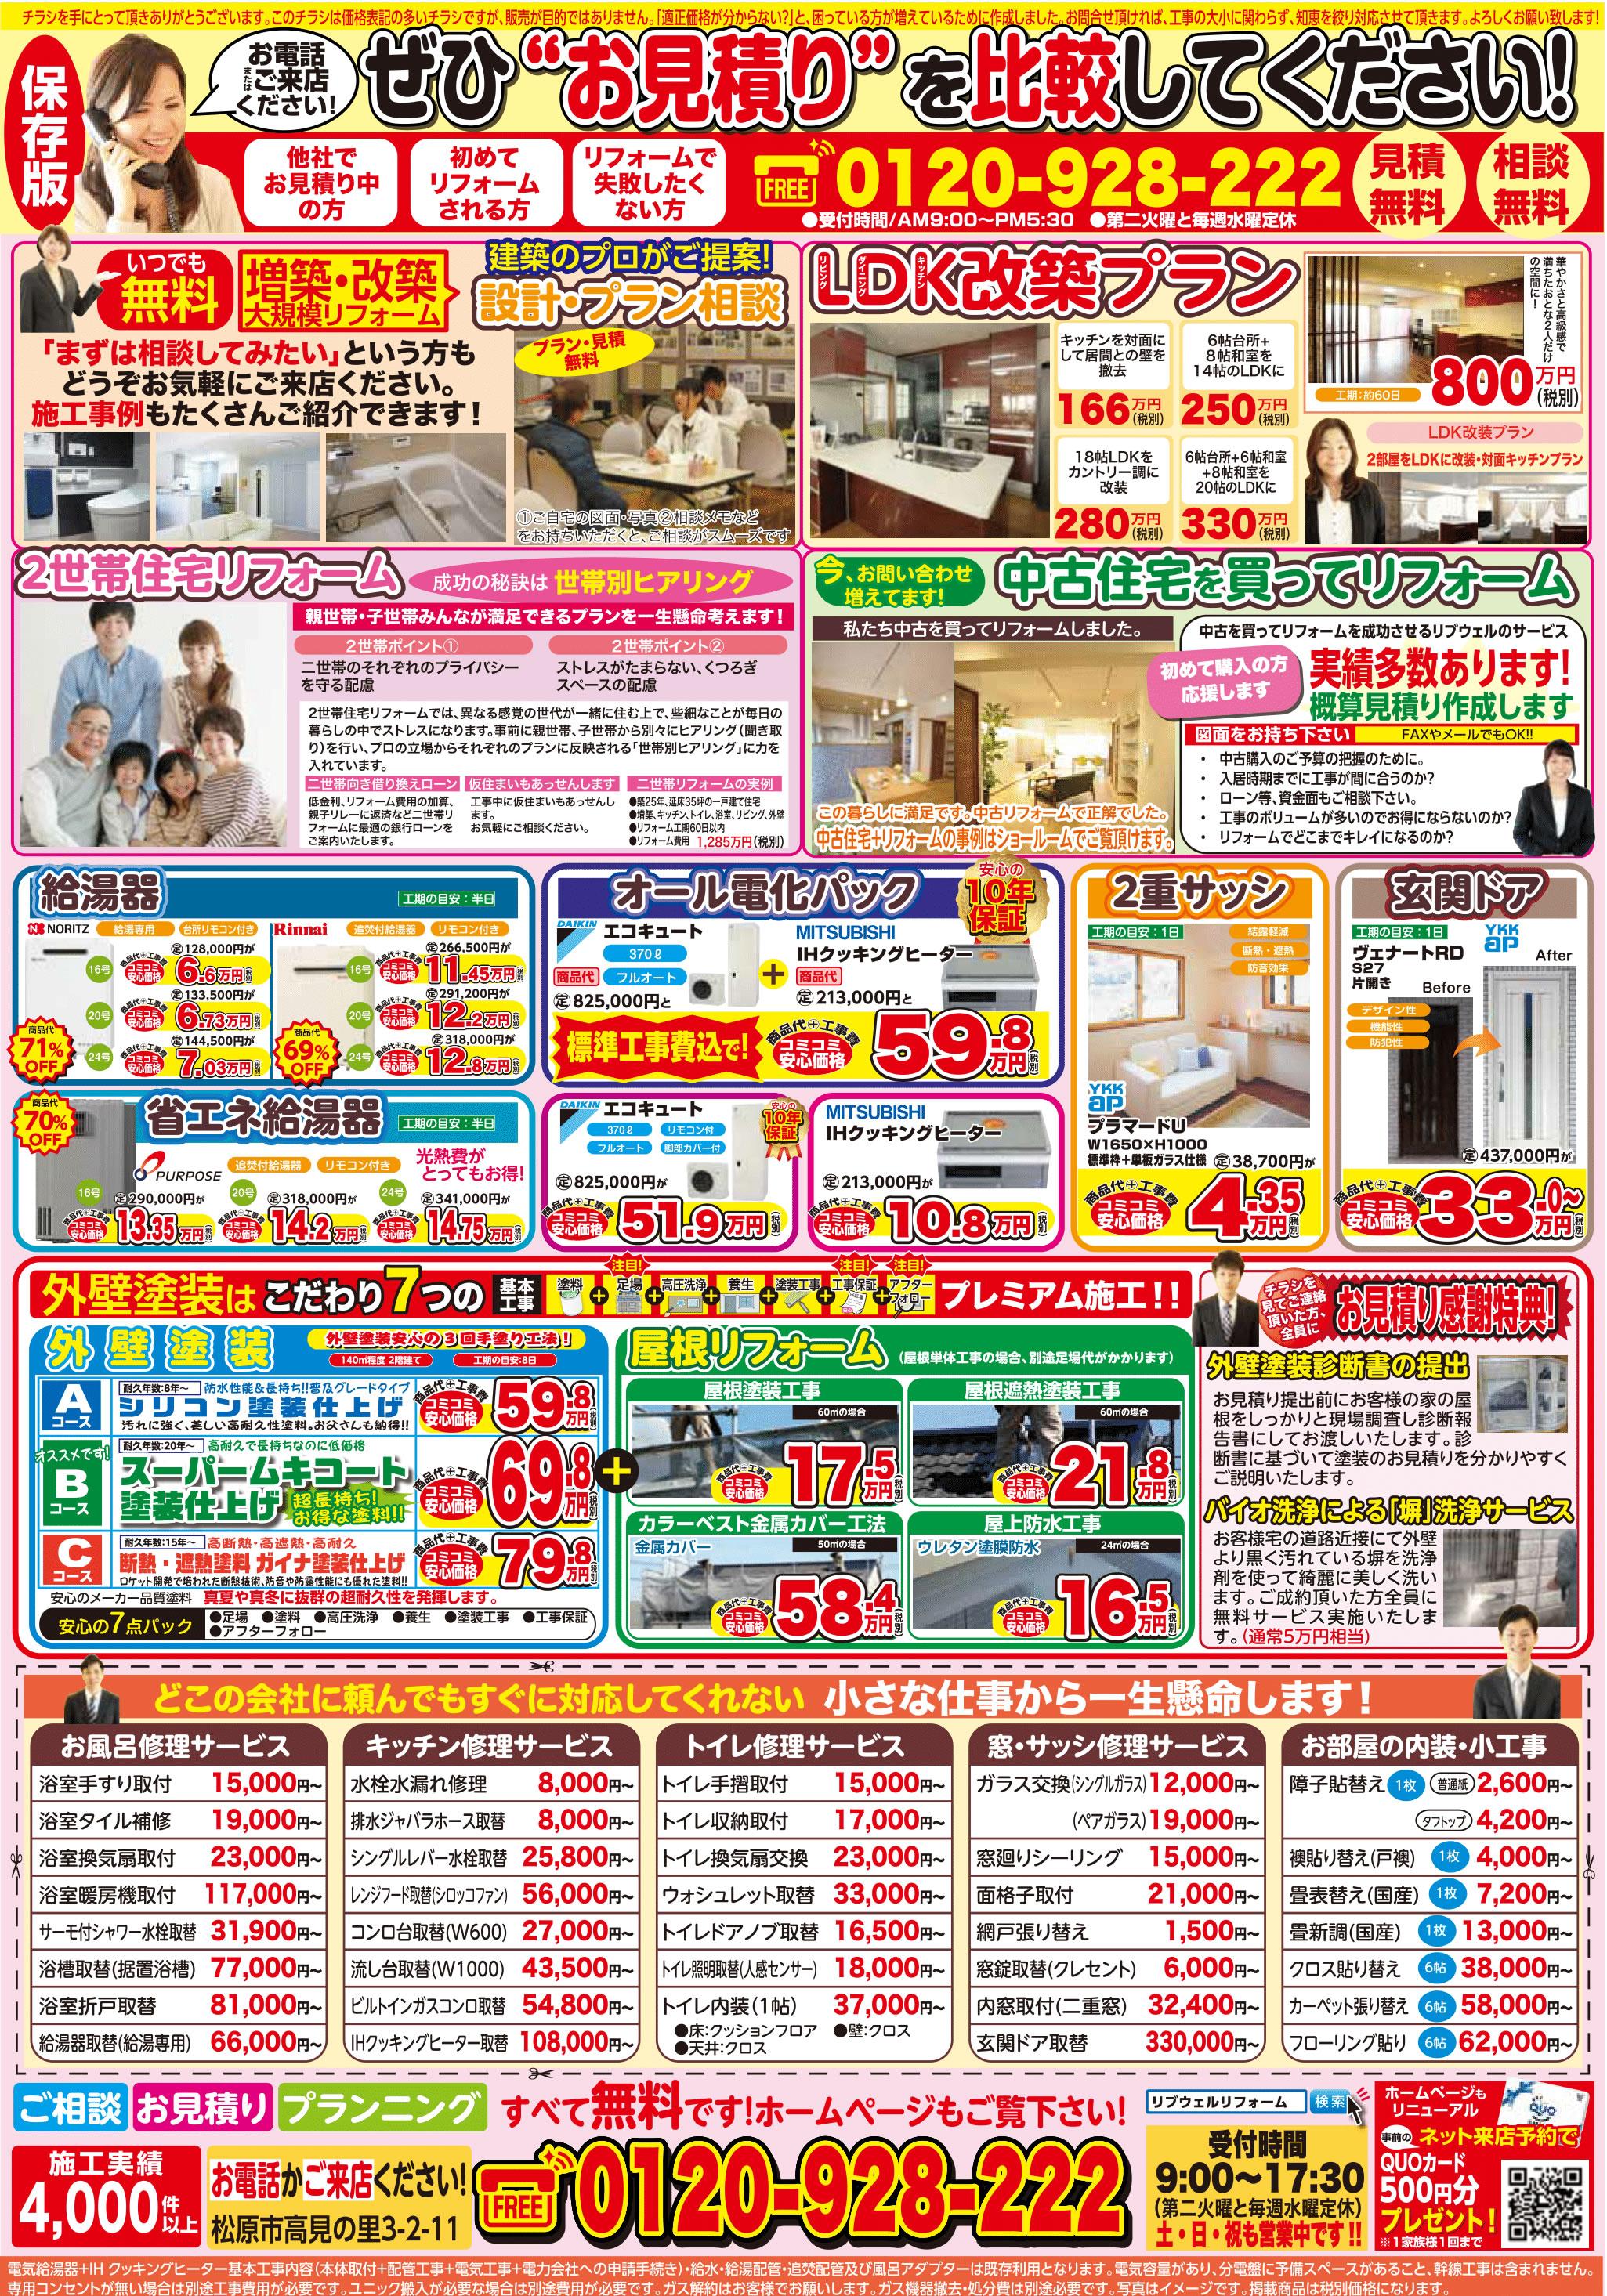 リフォーム&増改築専門店グランドオープン